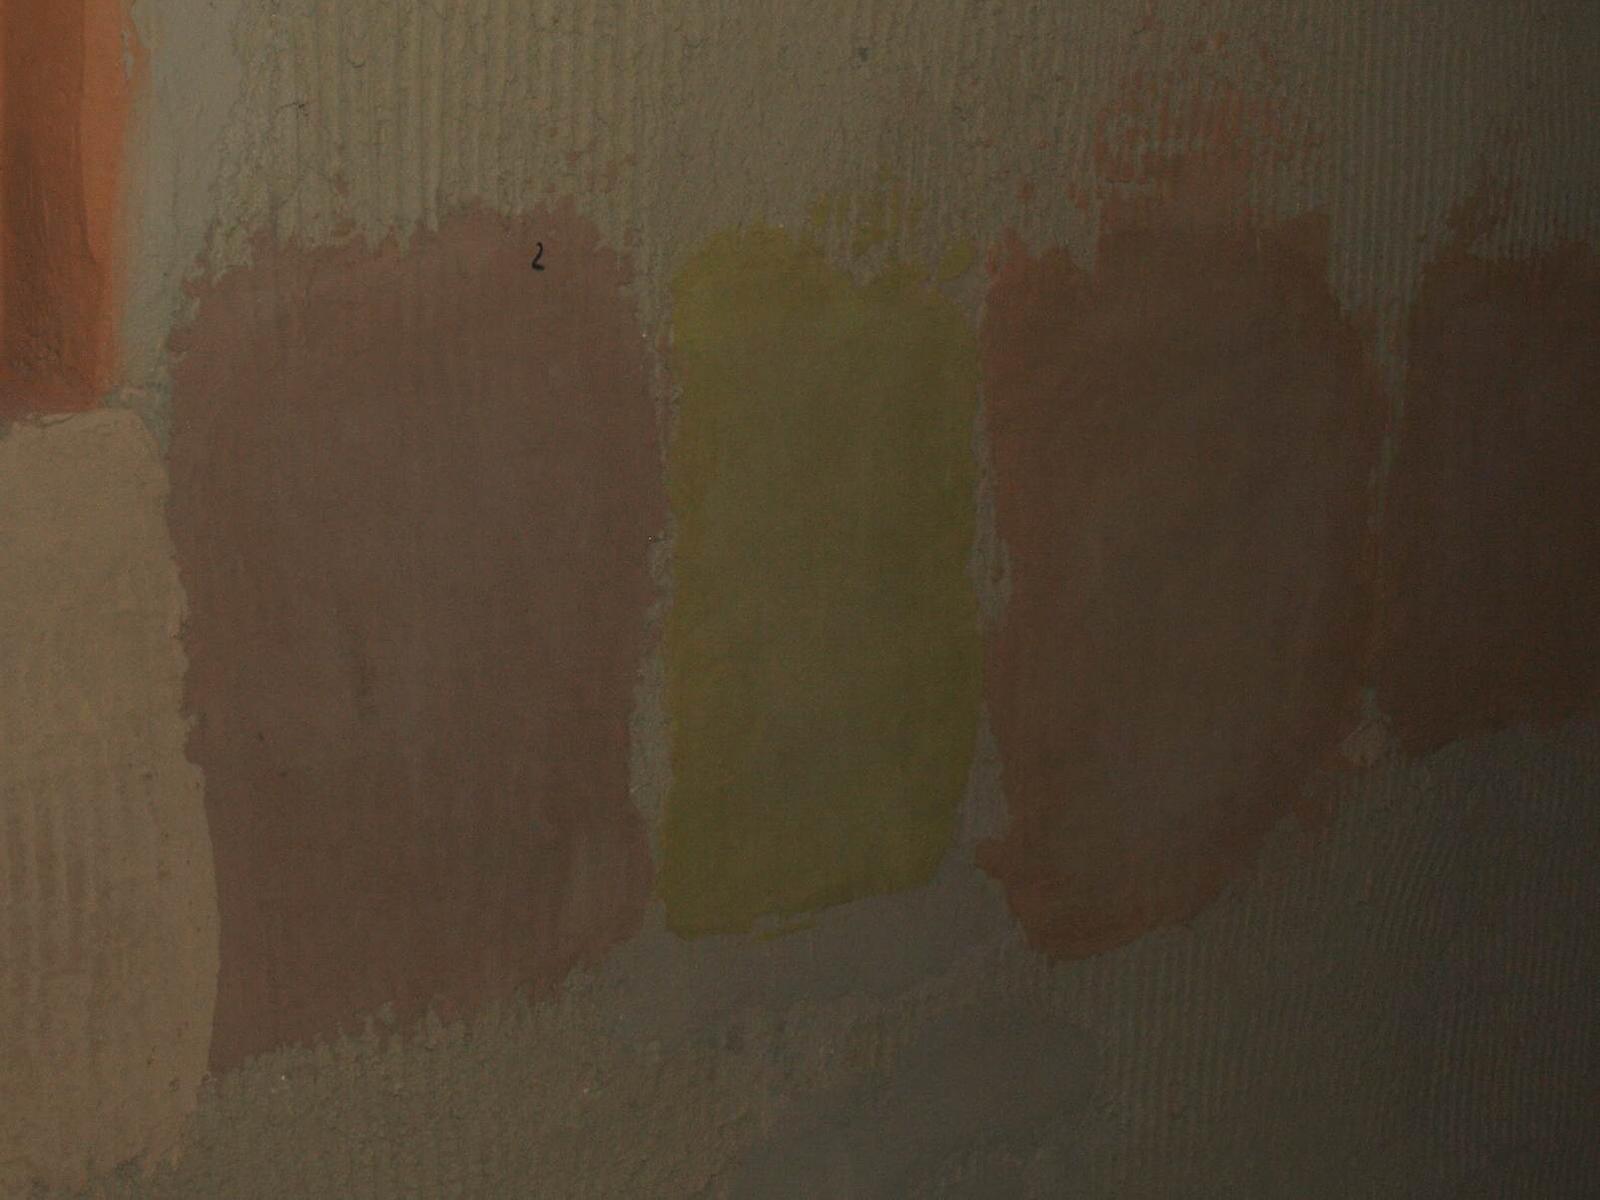 Hlinené omietky a podlahy svojpomocne. - Vzorky farebného ílu a ílu prifarbeného prírodnými prísadami.